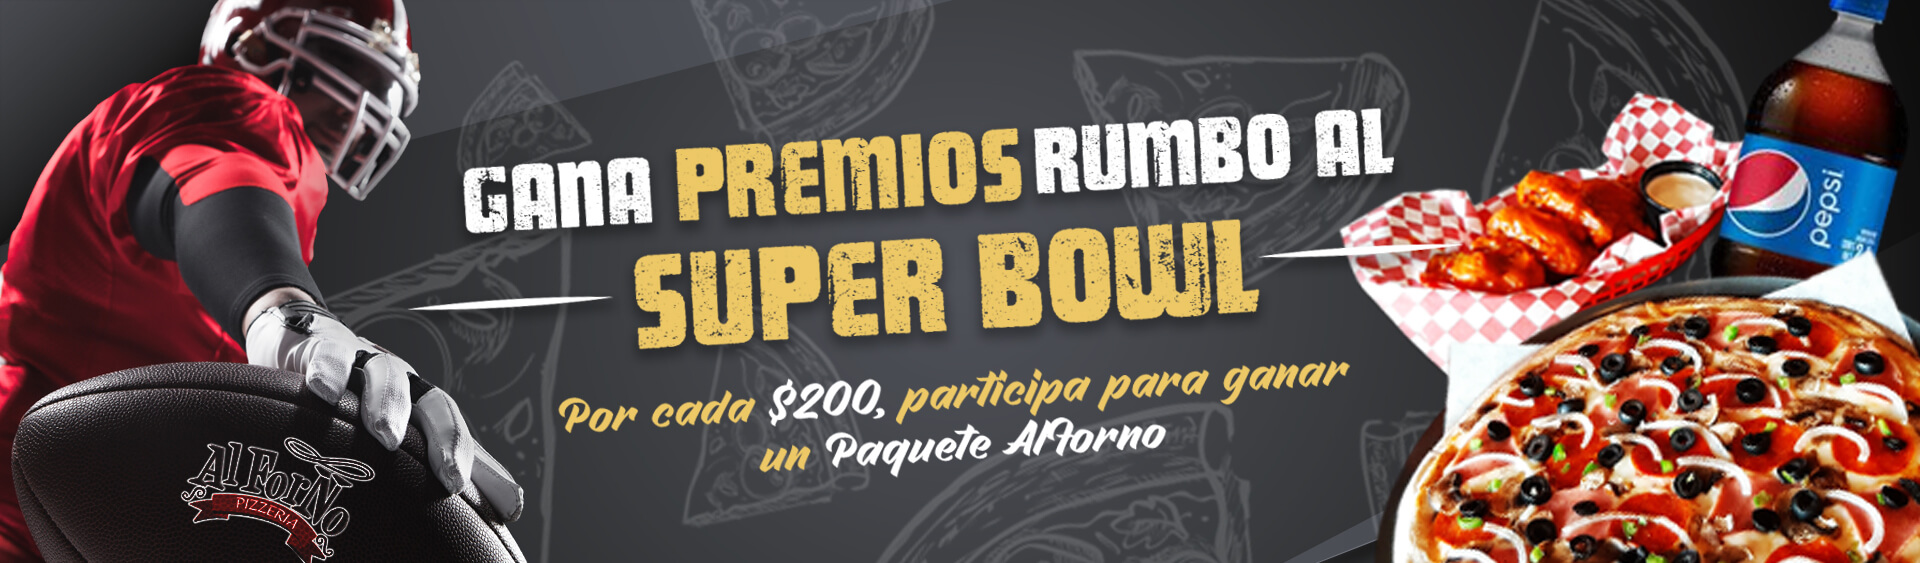 Super bowl 54 1